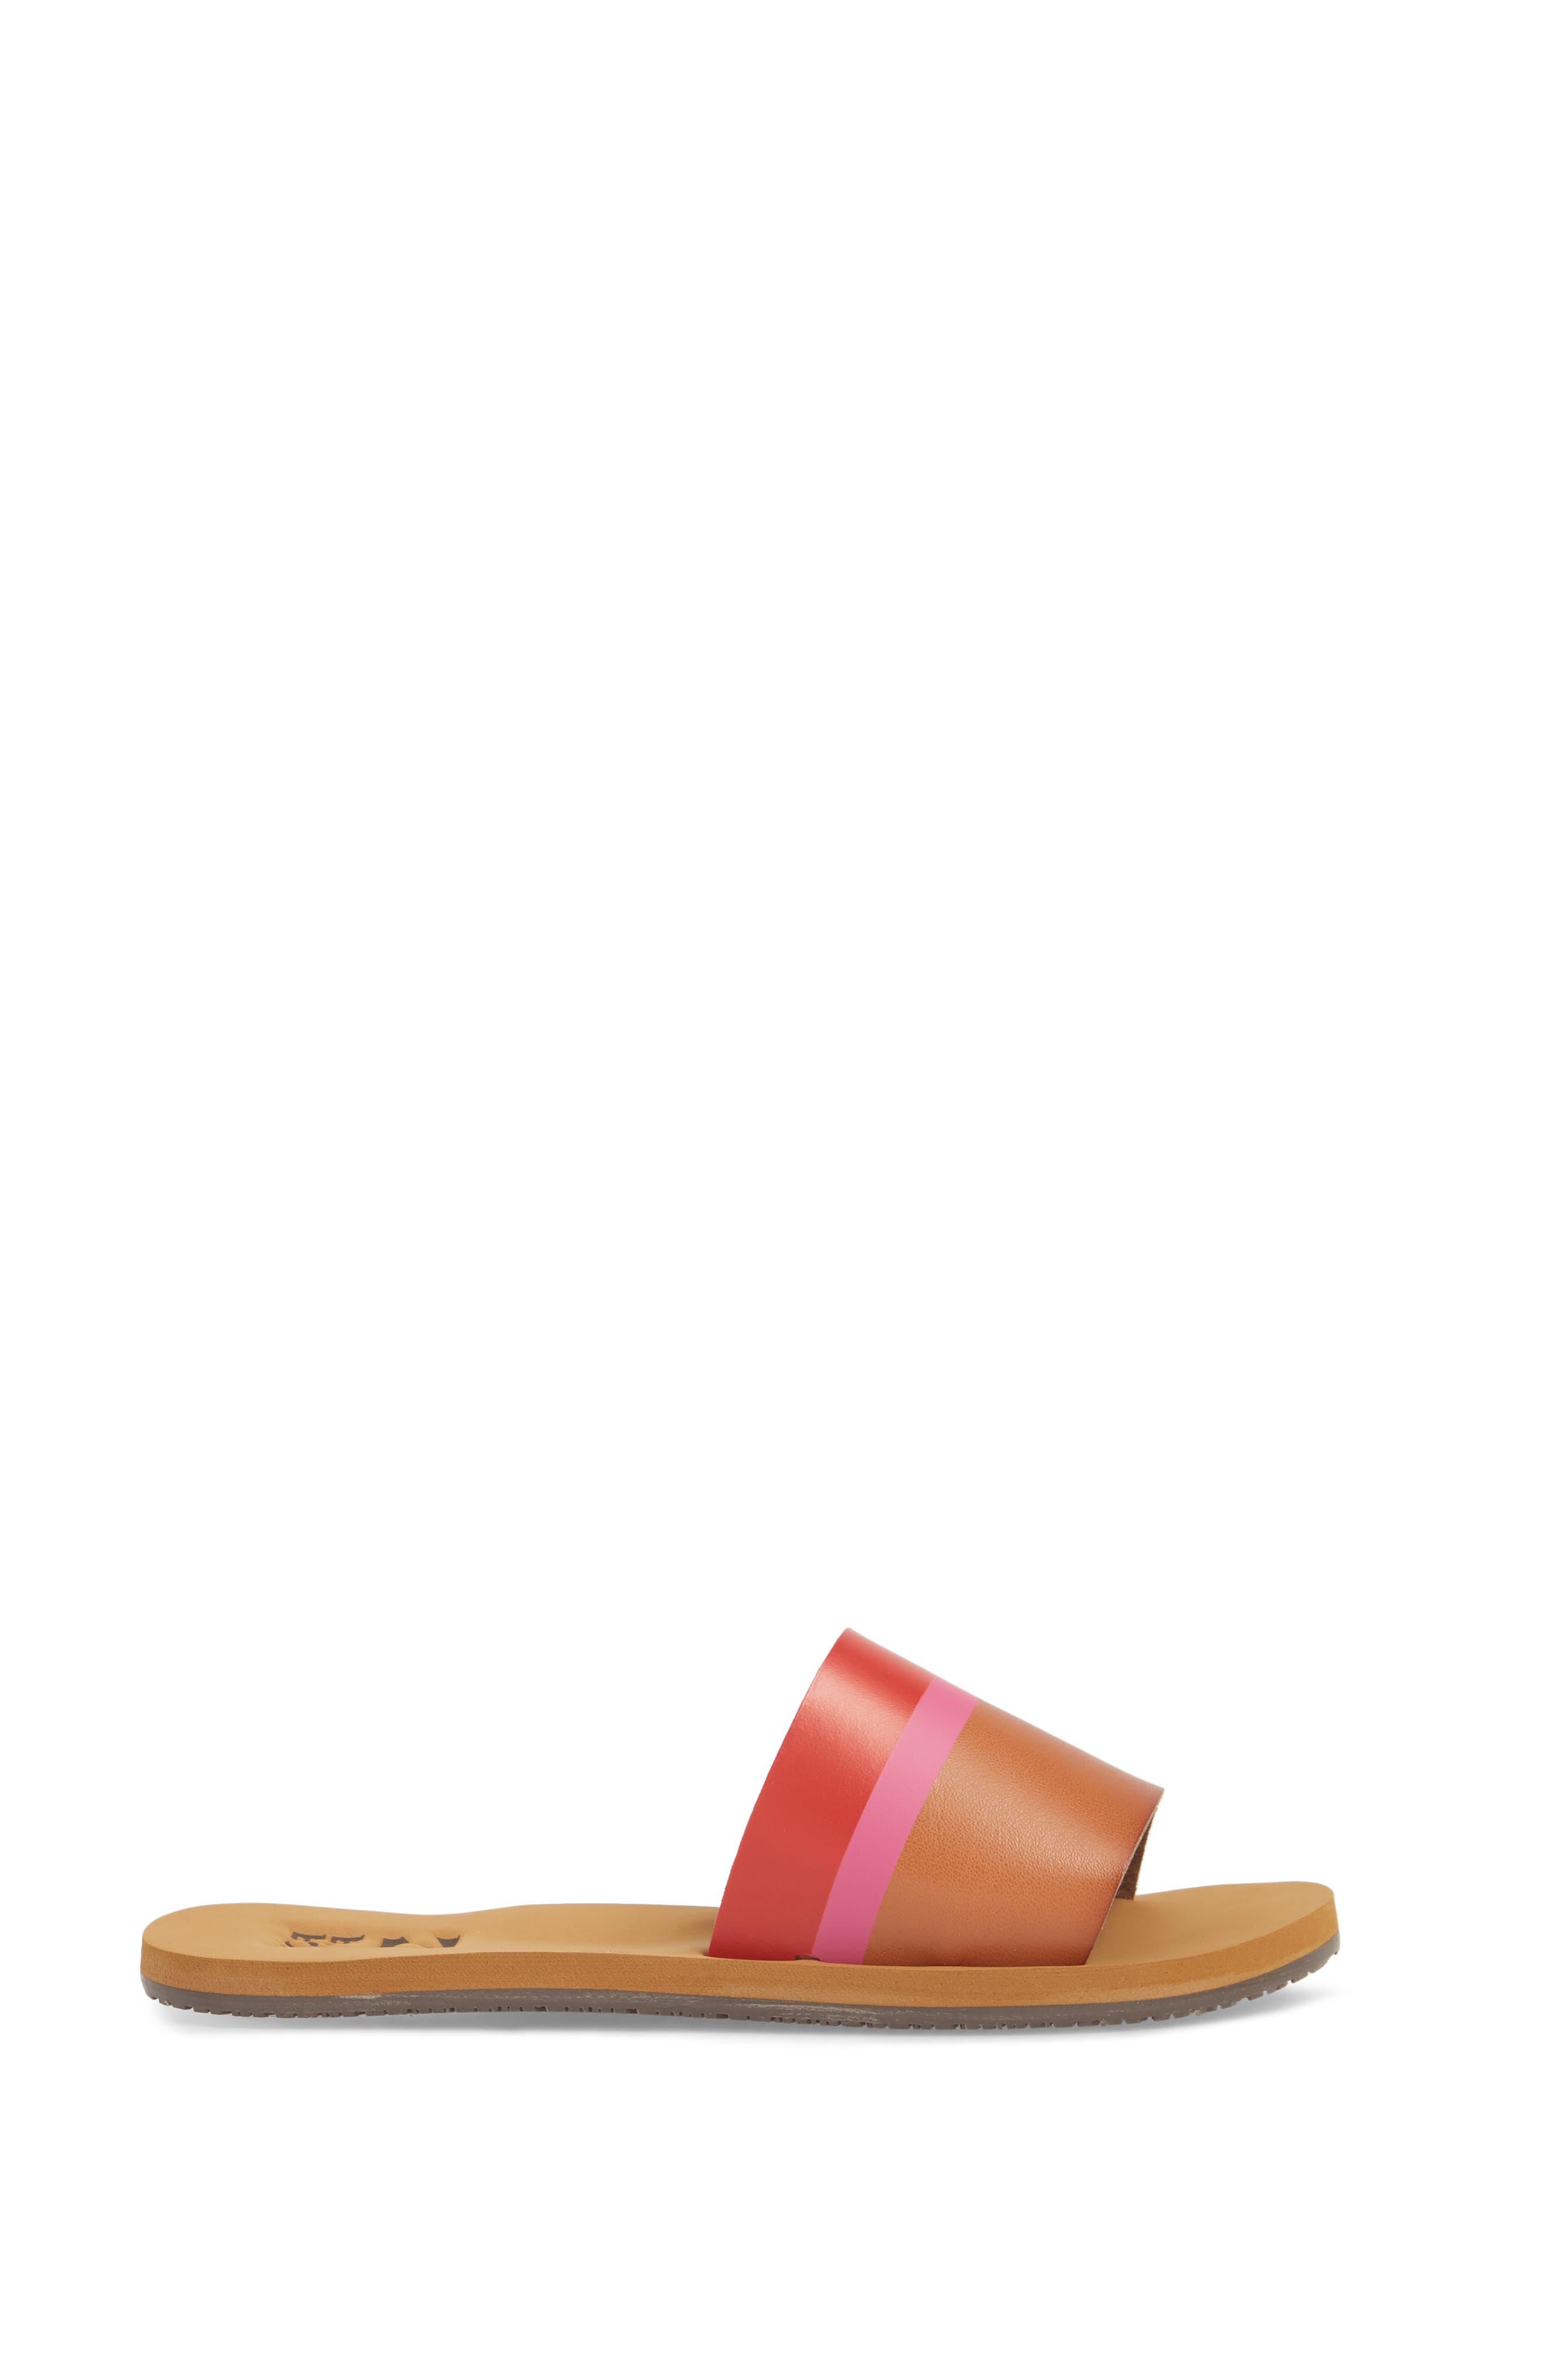 Slide Sandal,                             Alternate thumbnail 3, color,                             Multi